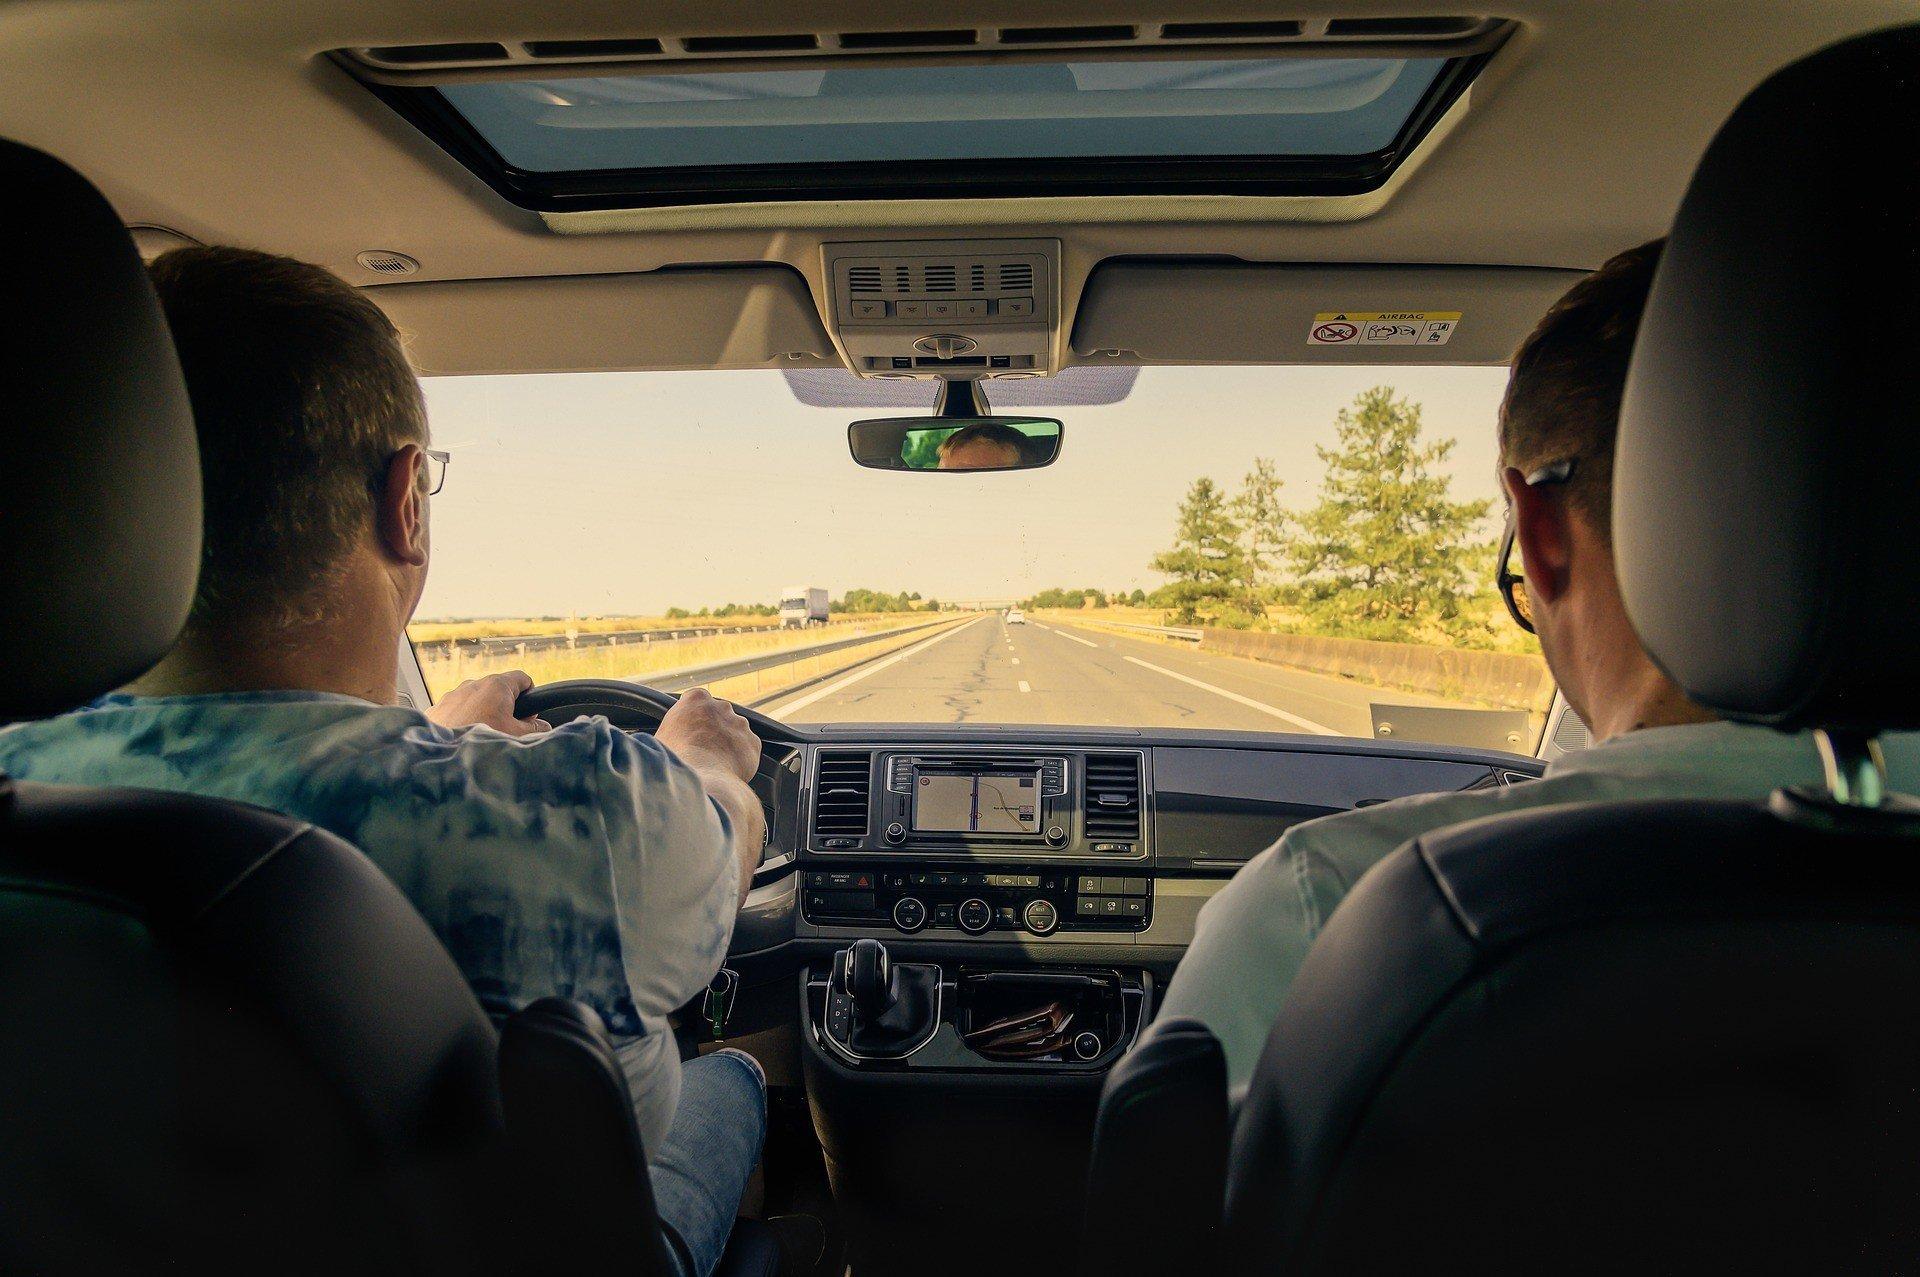 Новая технология Uber для безопасности пассажиров